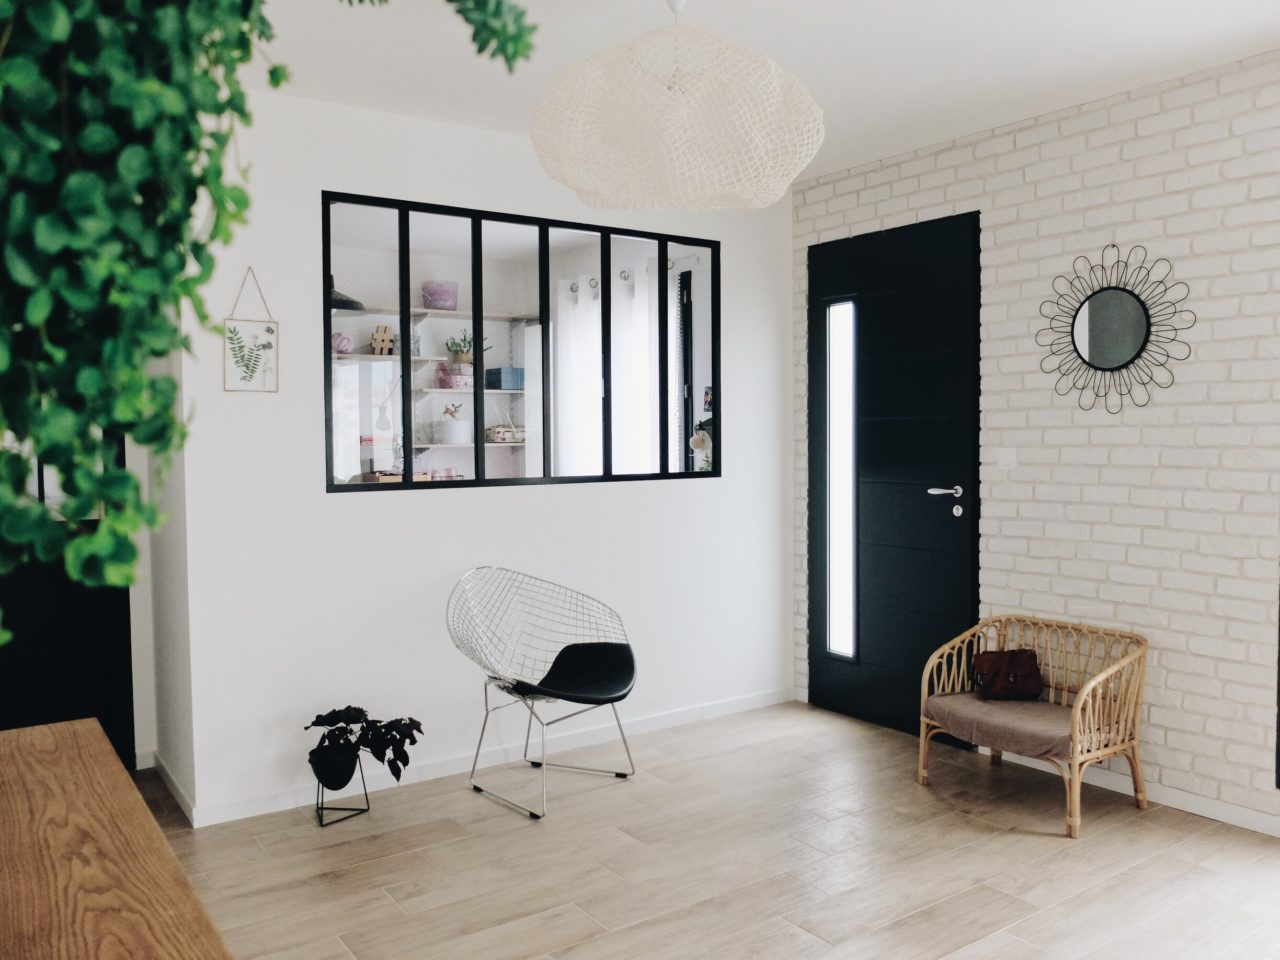 Déco : La verrière et la porte atelier - Zess.fr // Lifestyle . mode ...